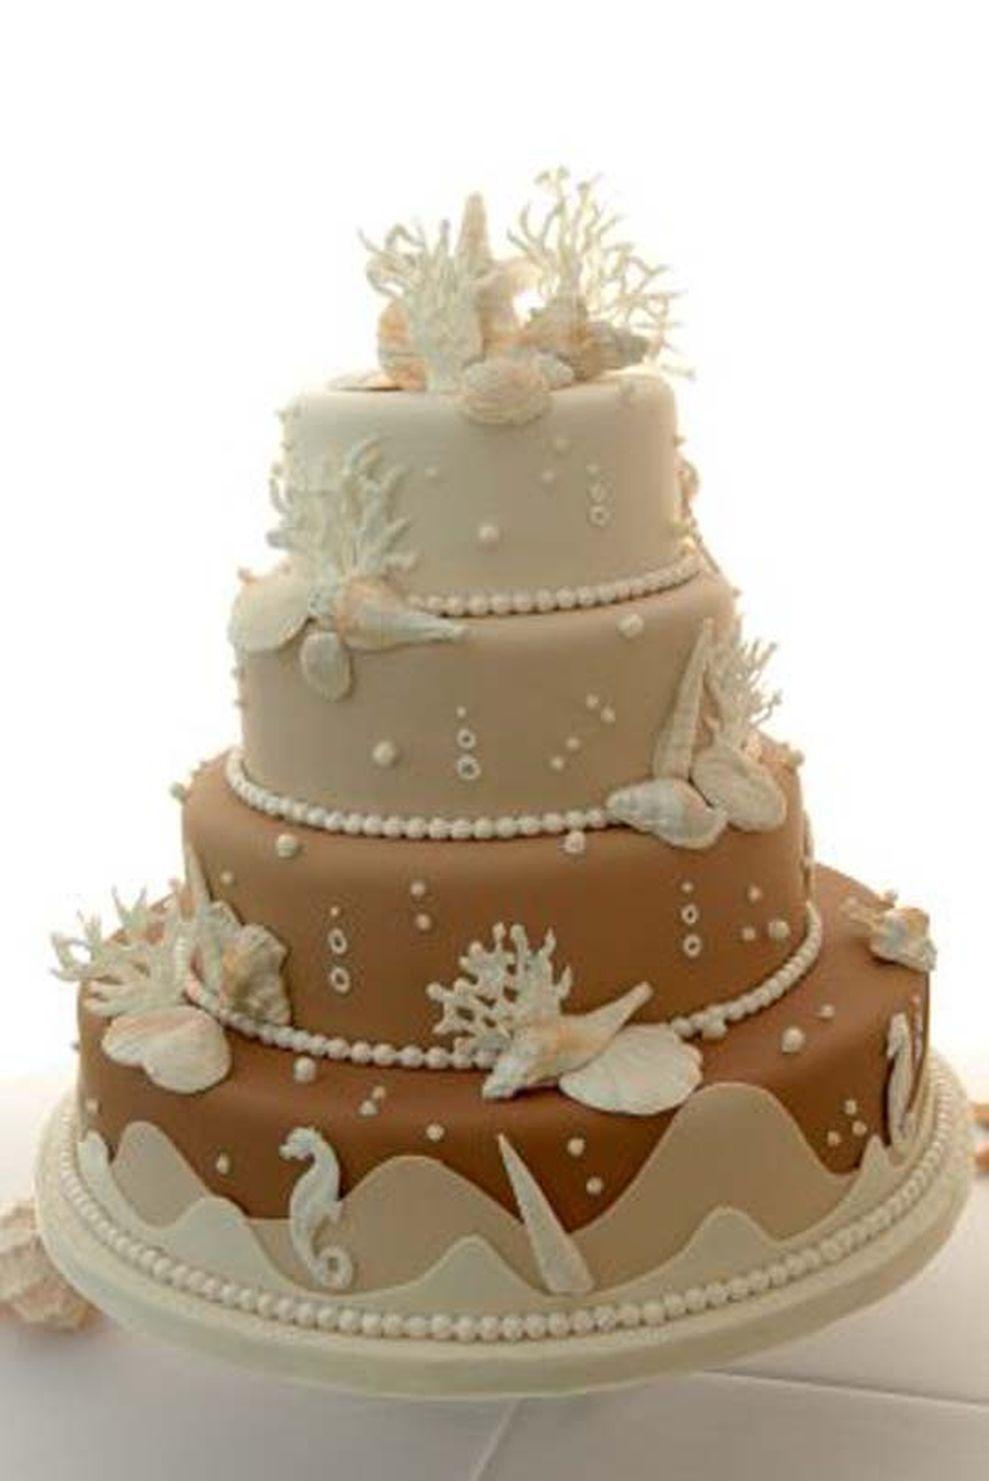 92 Beach Themed Wedding Cakes Designs Themed Wedding Cakes Beach